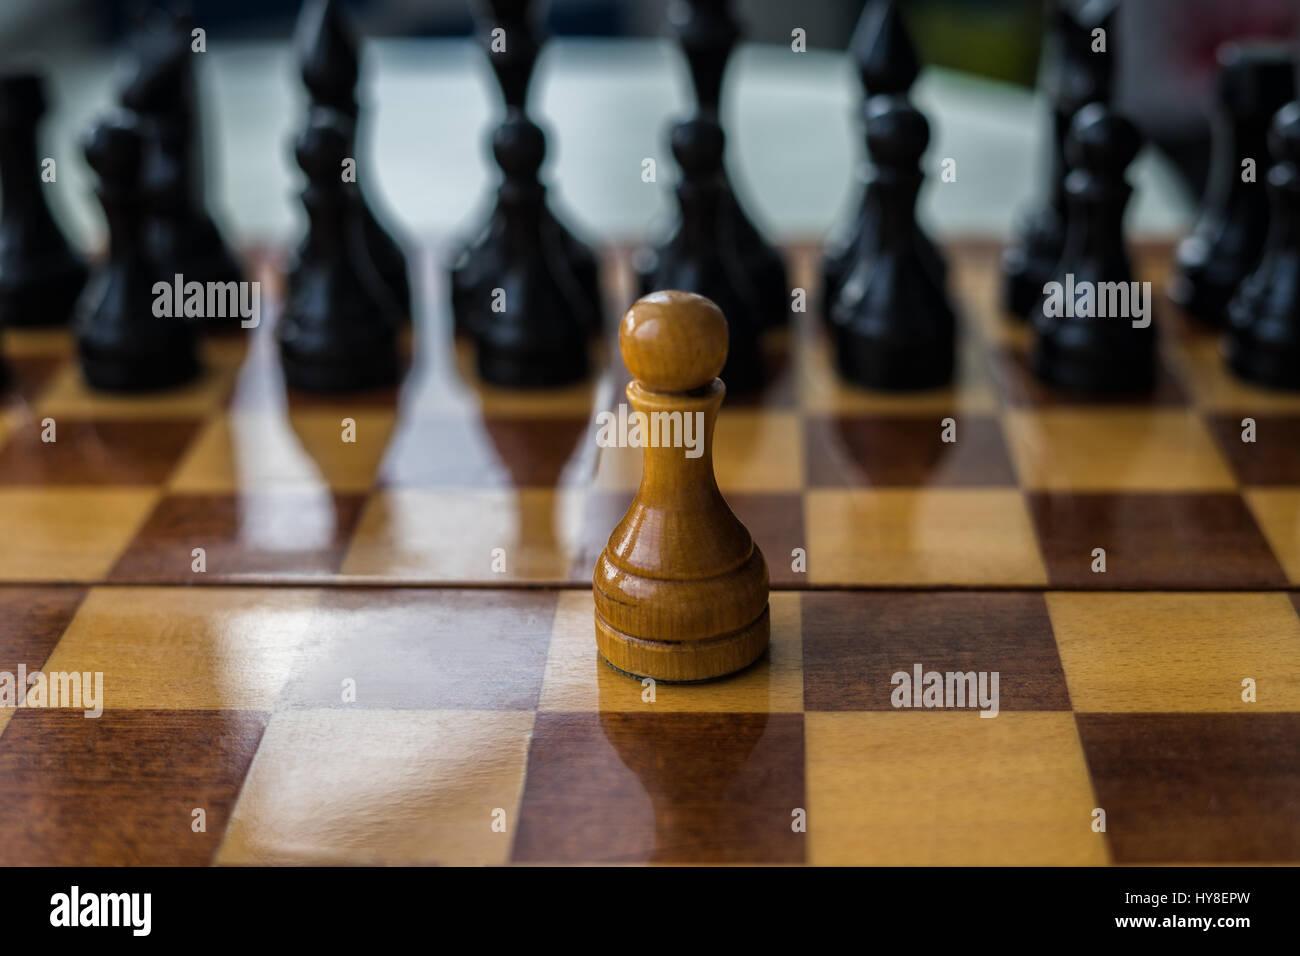 Peón blanco de ajedrez a solas en un tablero de ajedrez. fotografía conceptual de luchar solos y superar Imagen De Stock